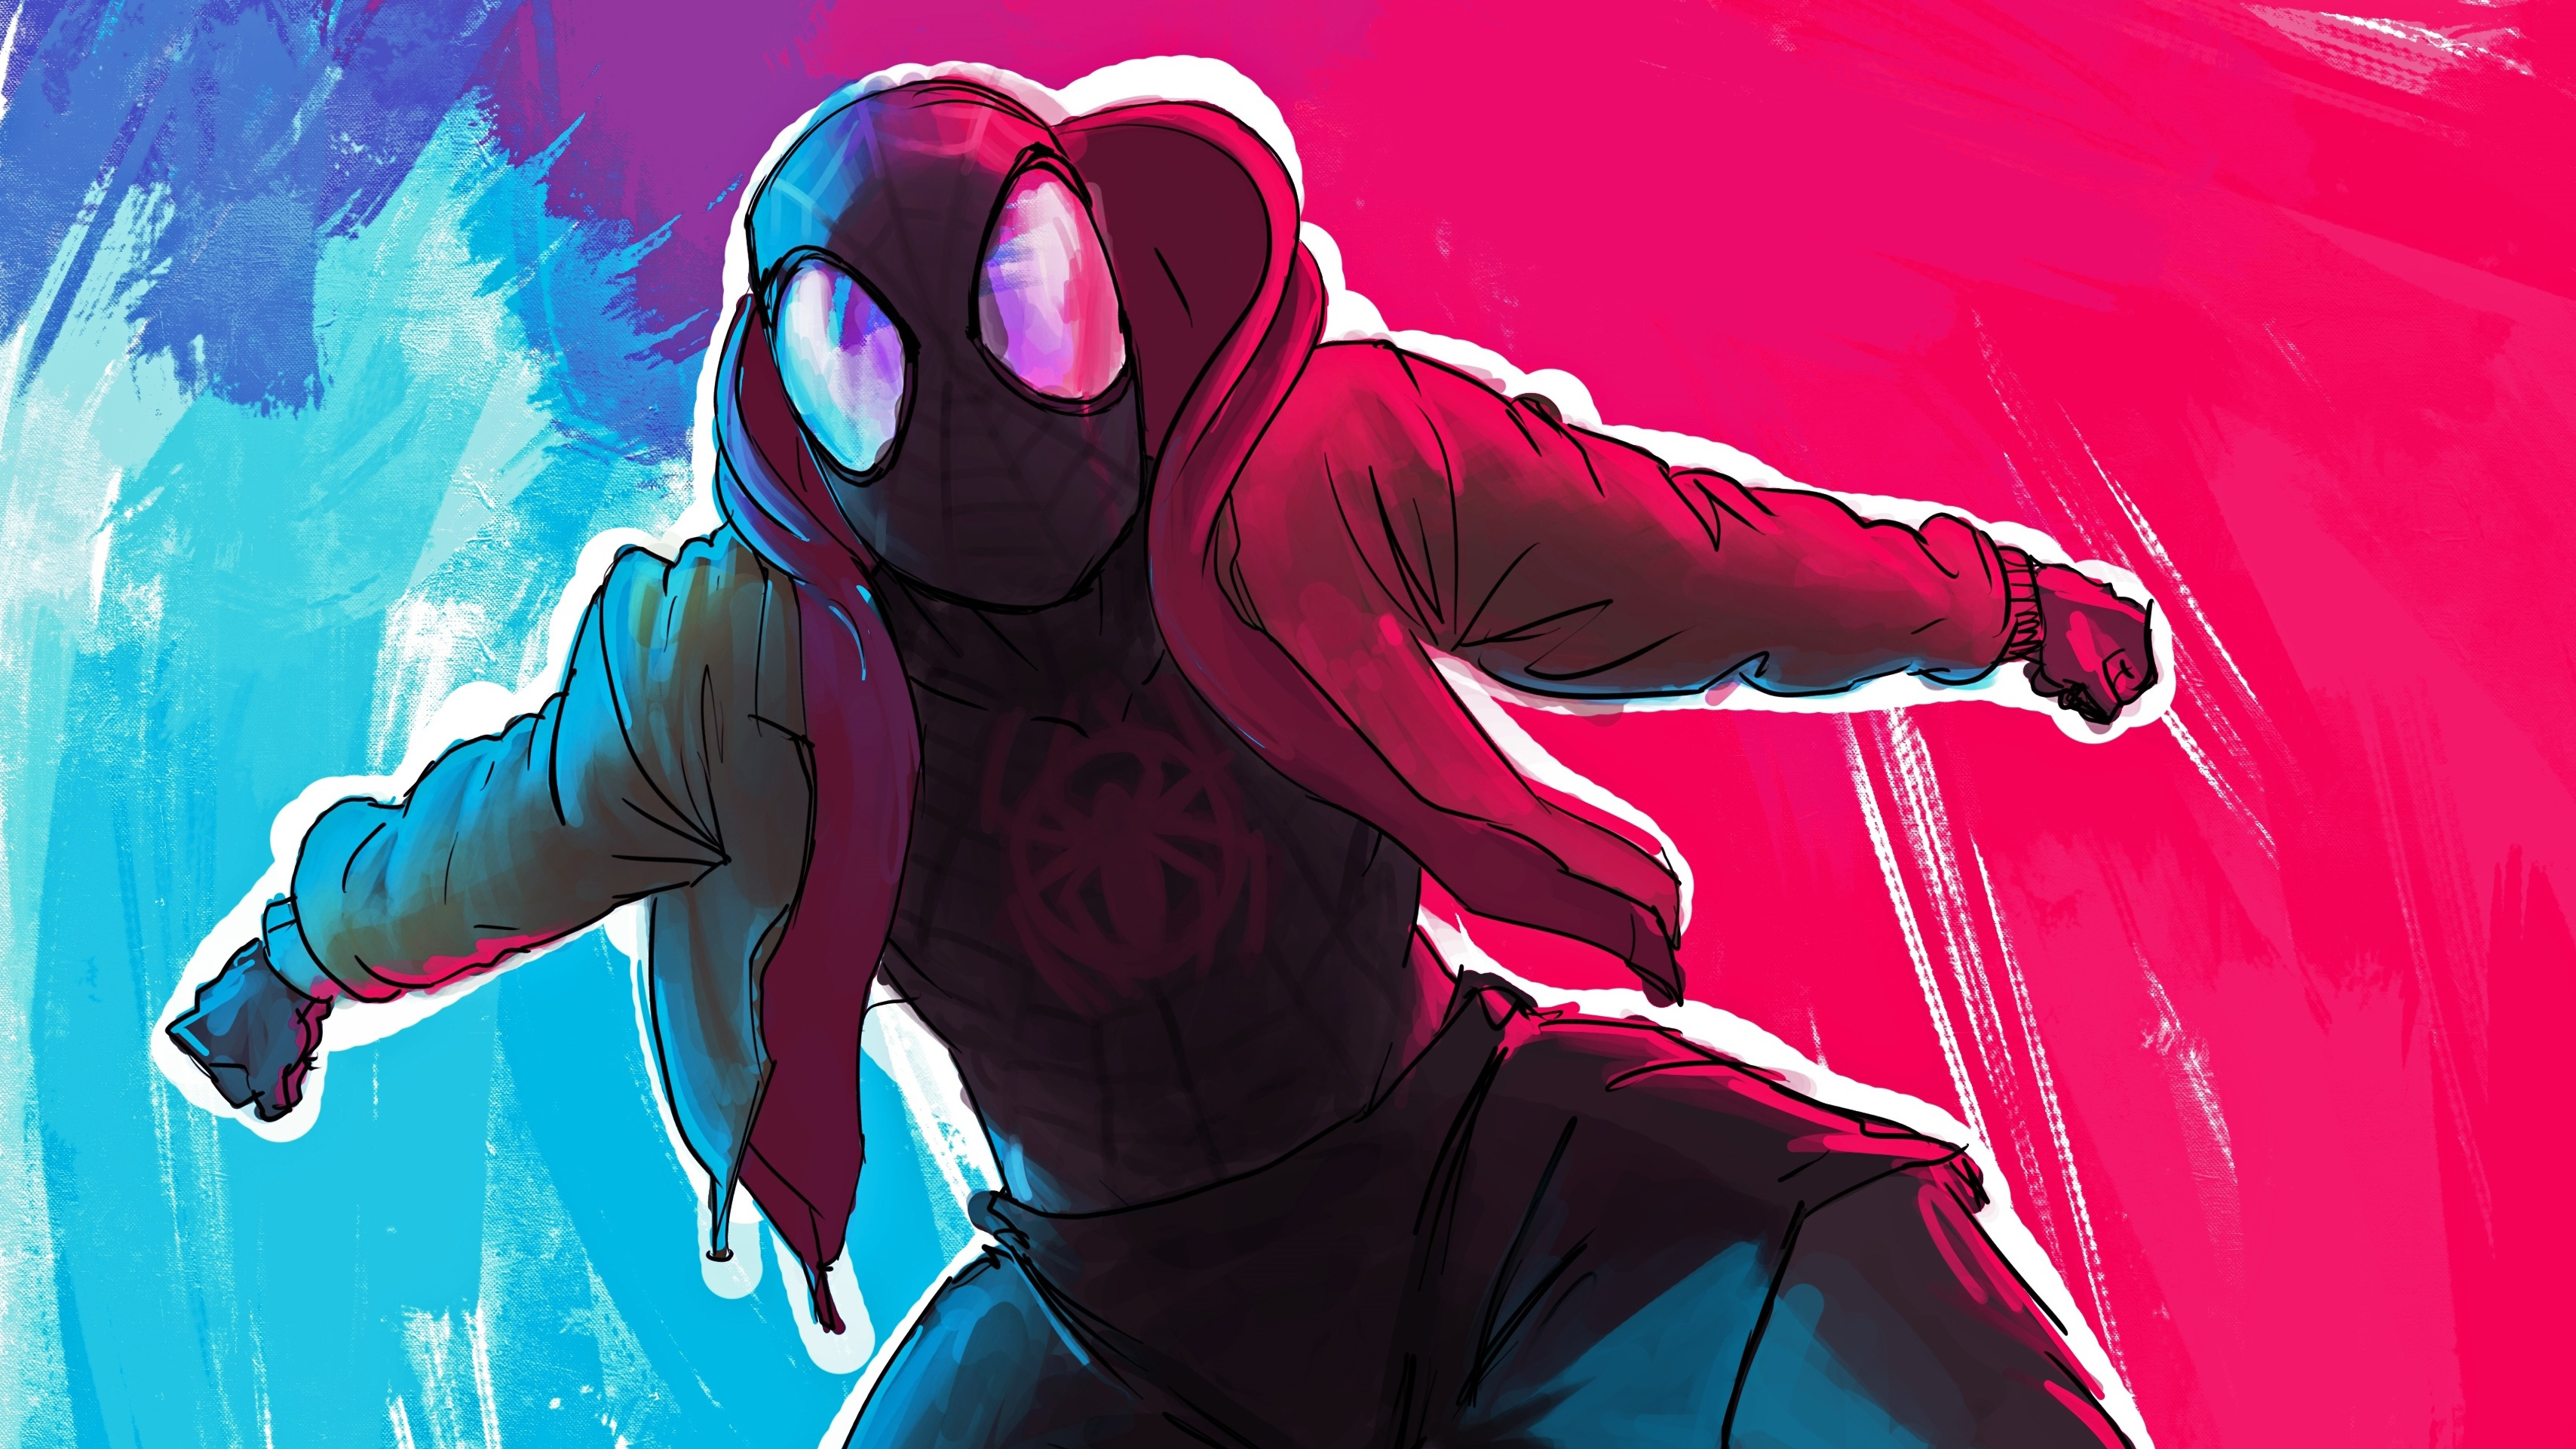 Spiderman Miles Morales Arts 4k 2019, HD Superheroes, 4k ...